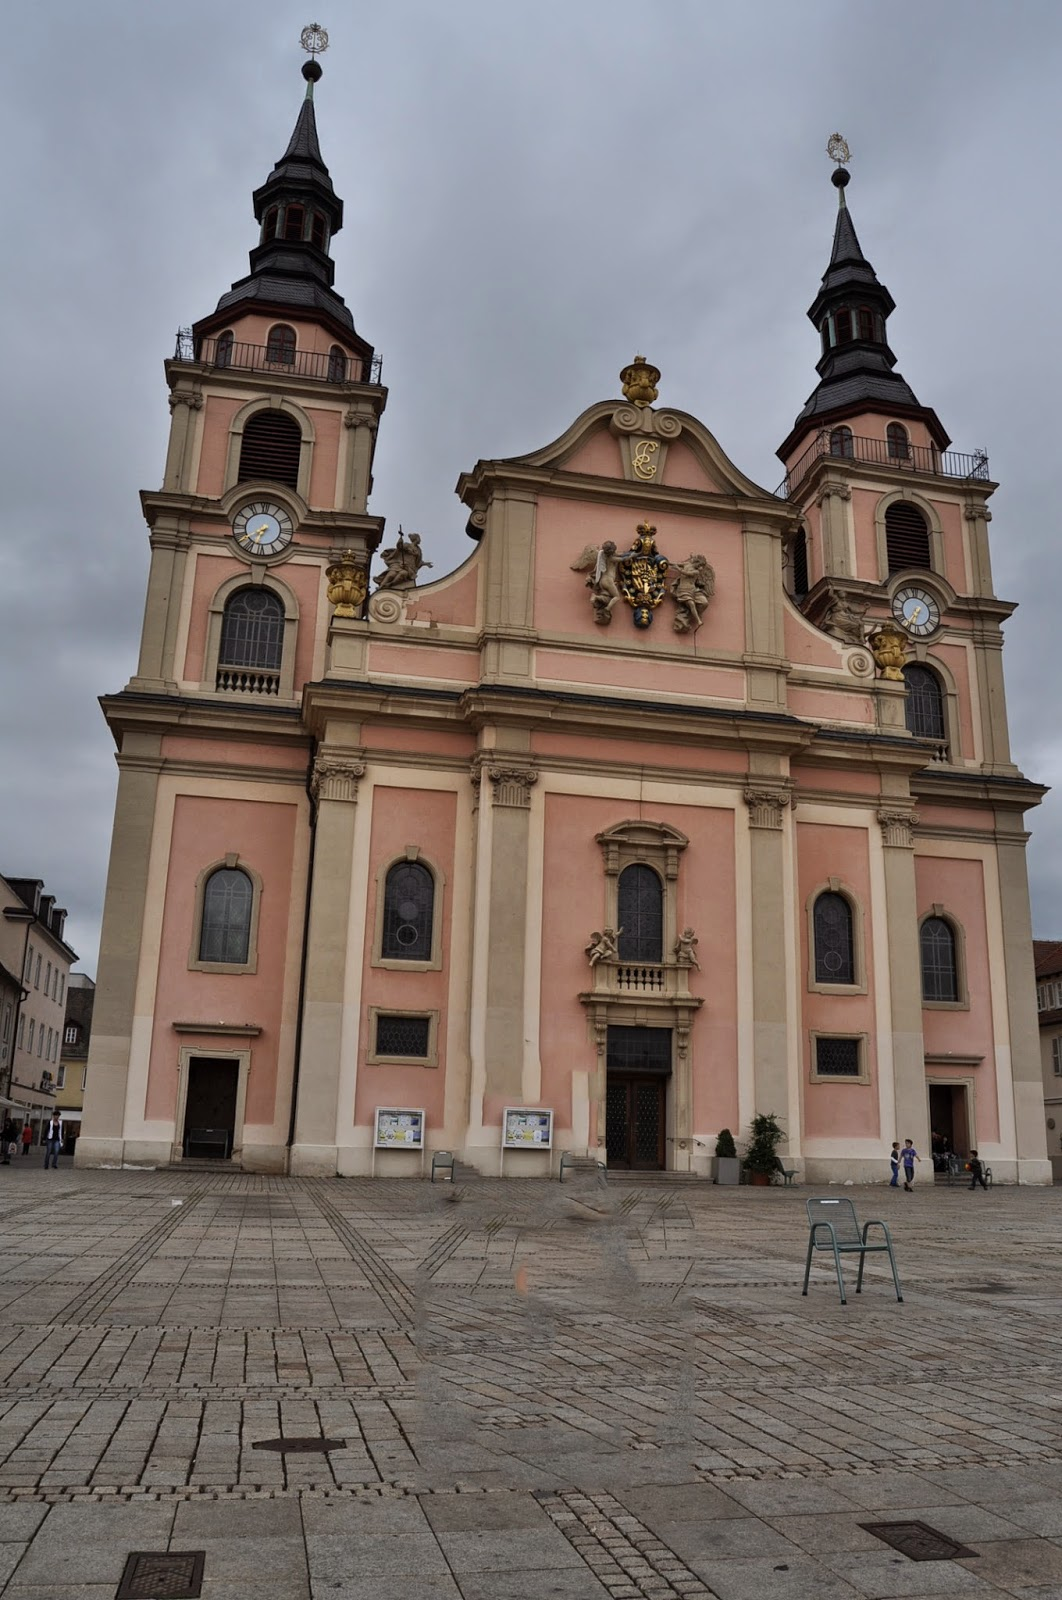 Foto de Iglesia en Ludwigsburg